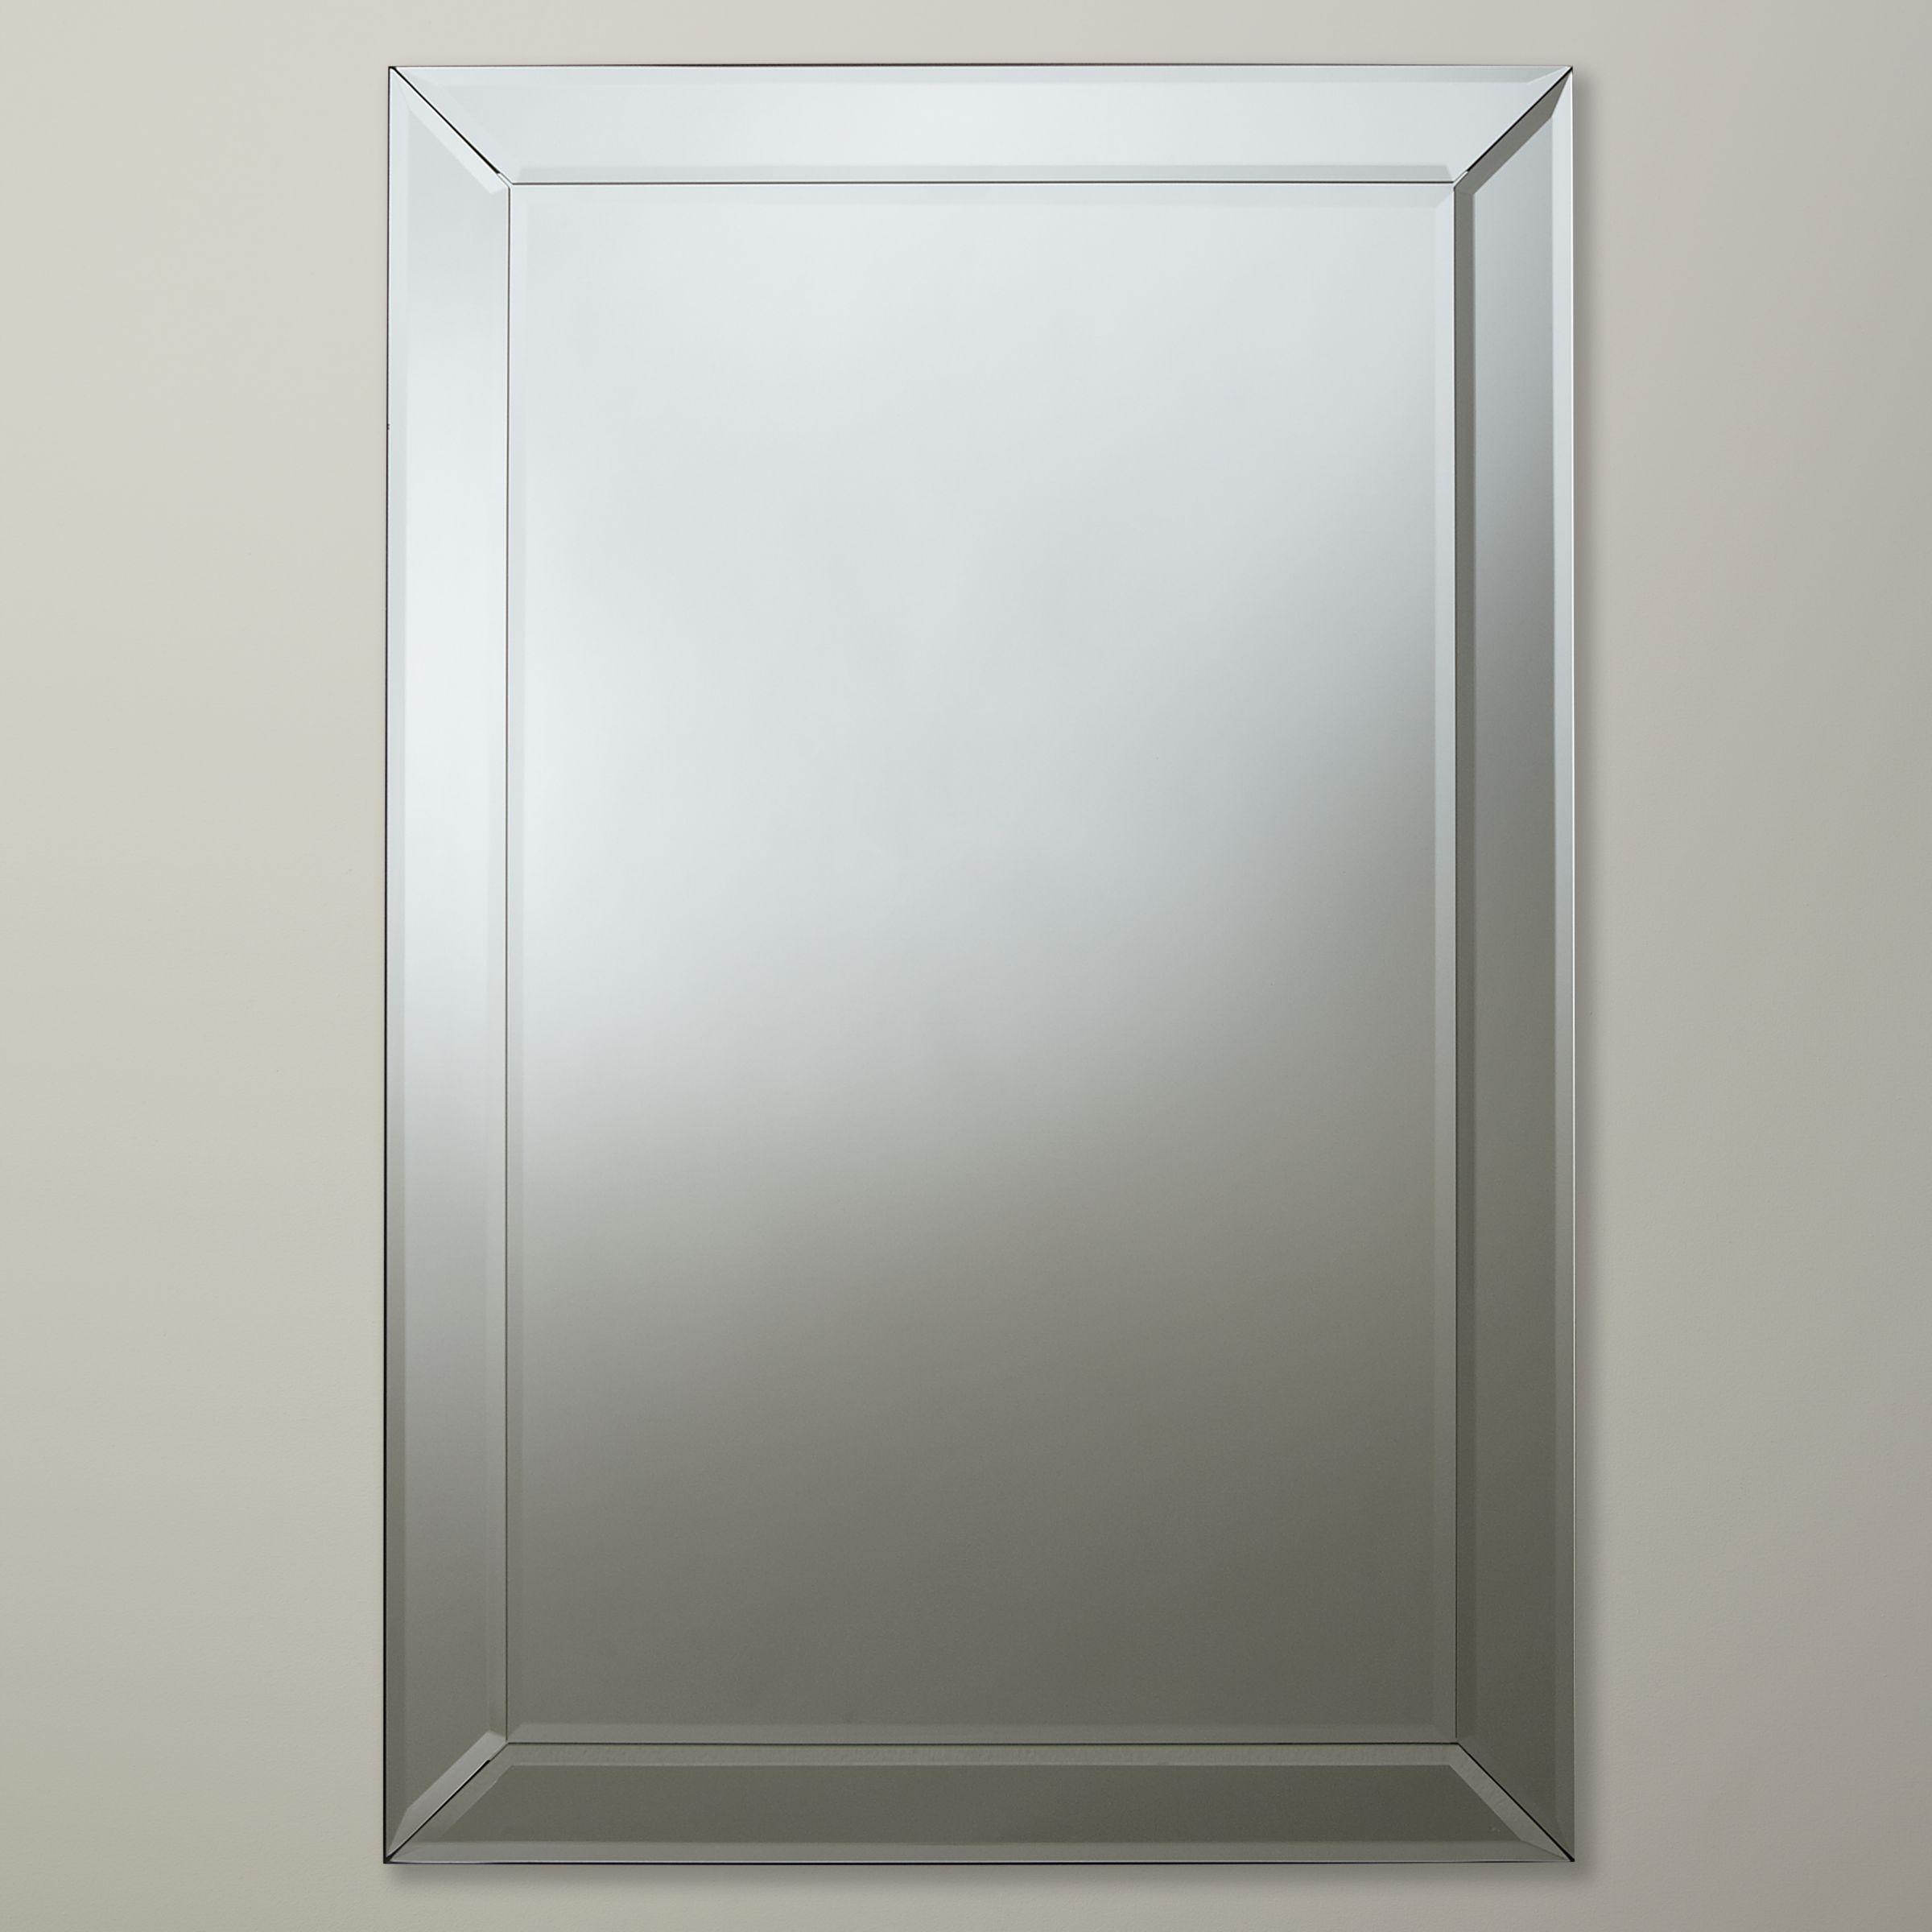 John lewis bevel simple mirror medium 90 x 60cm octer for Mirror 90 x 90